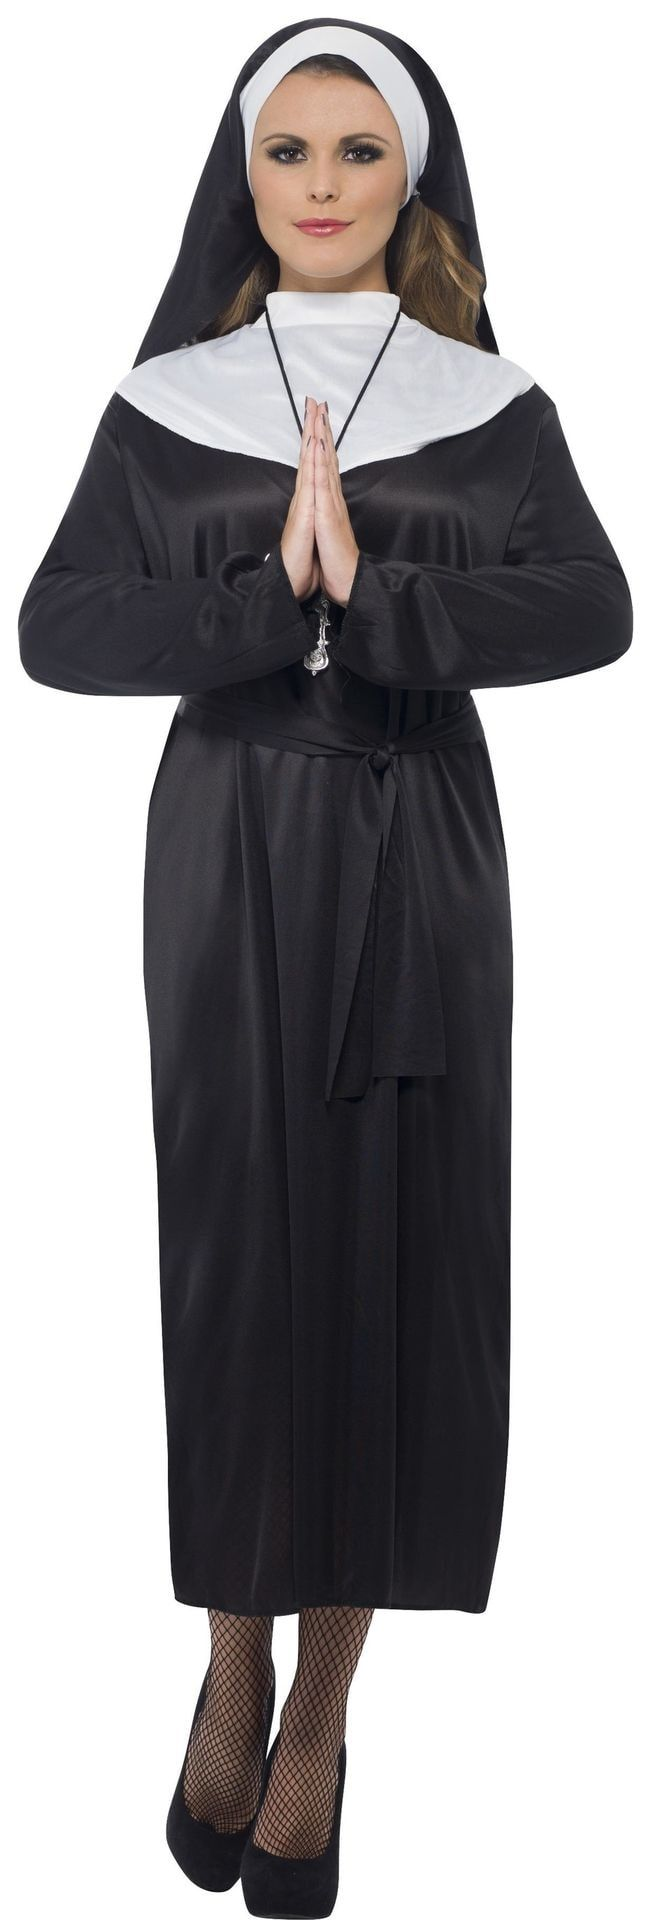 Nonnen jurk dames